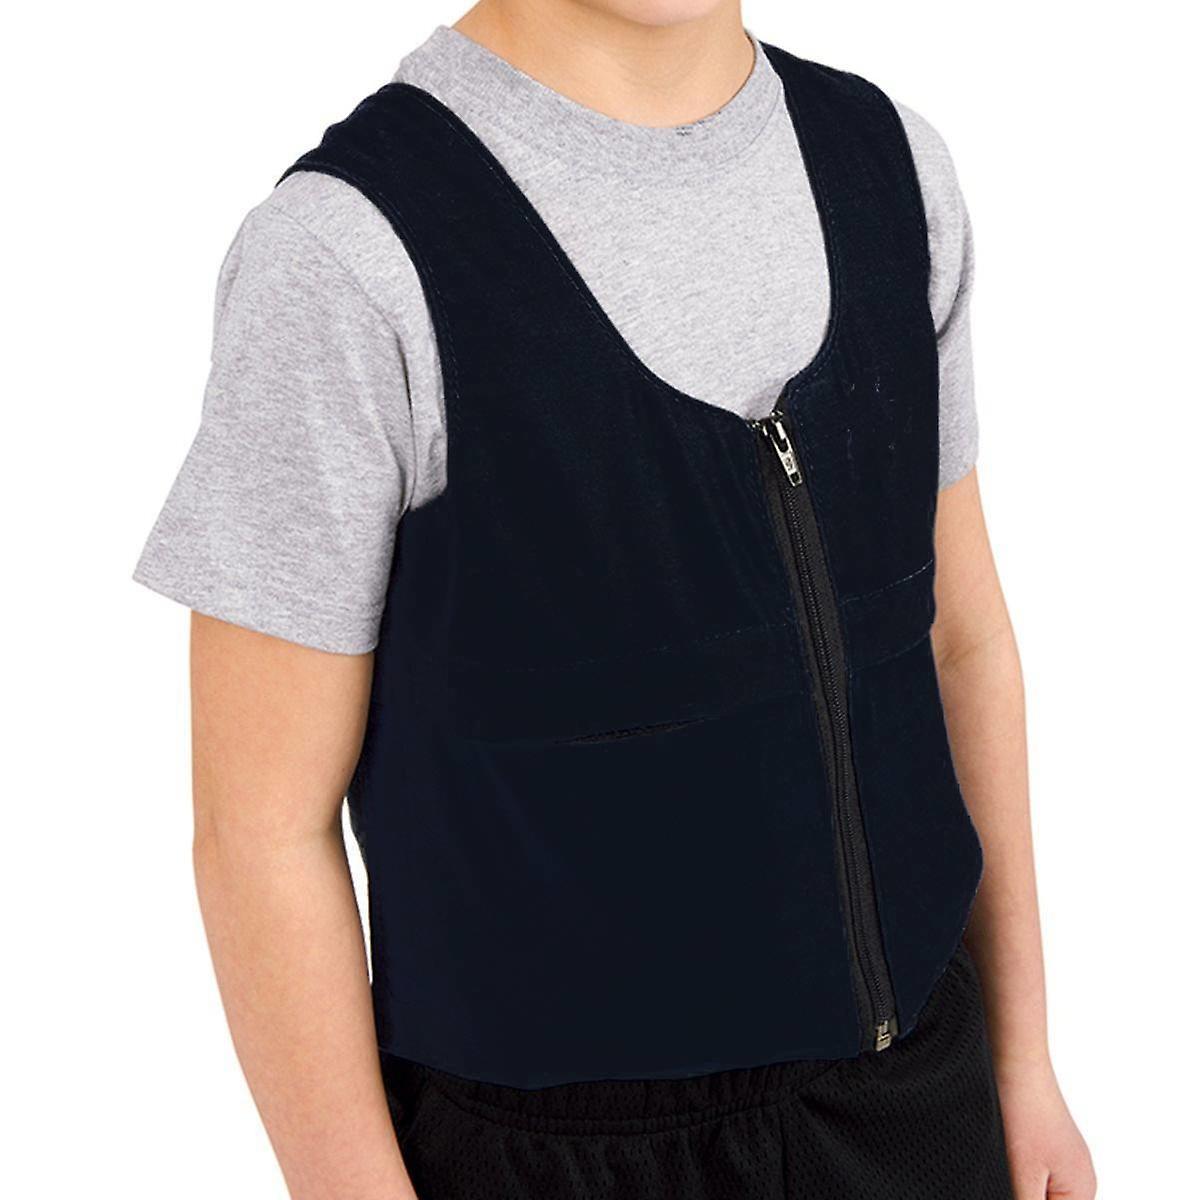 Beckasin Sensorisk Tyngdväst för barn 1-2 kg